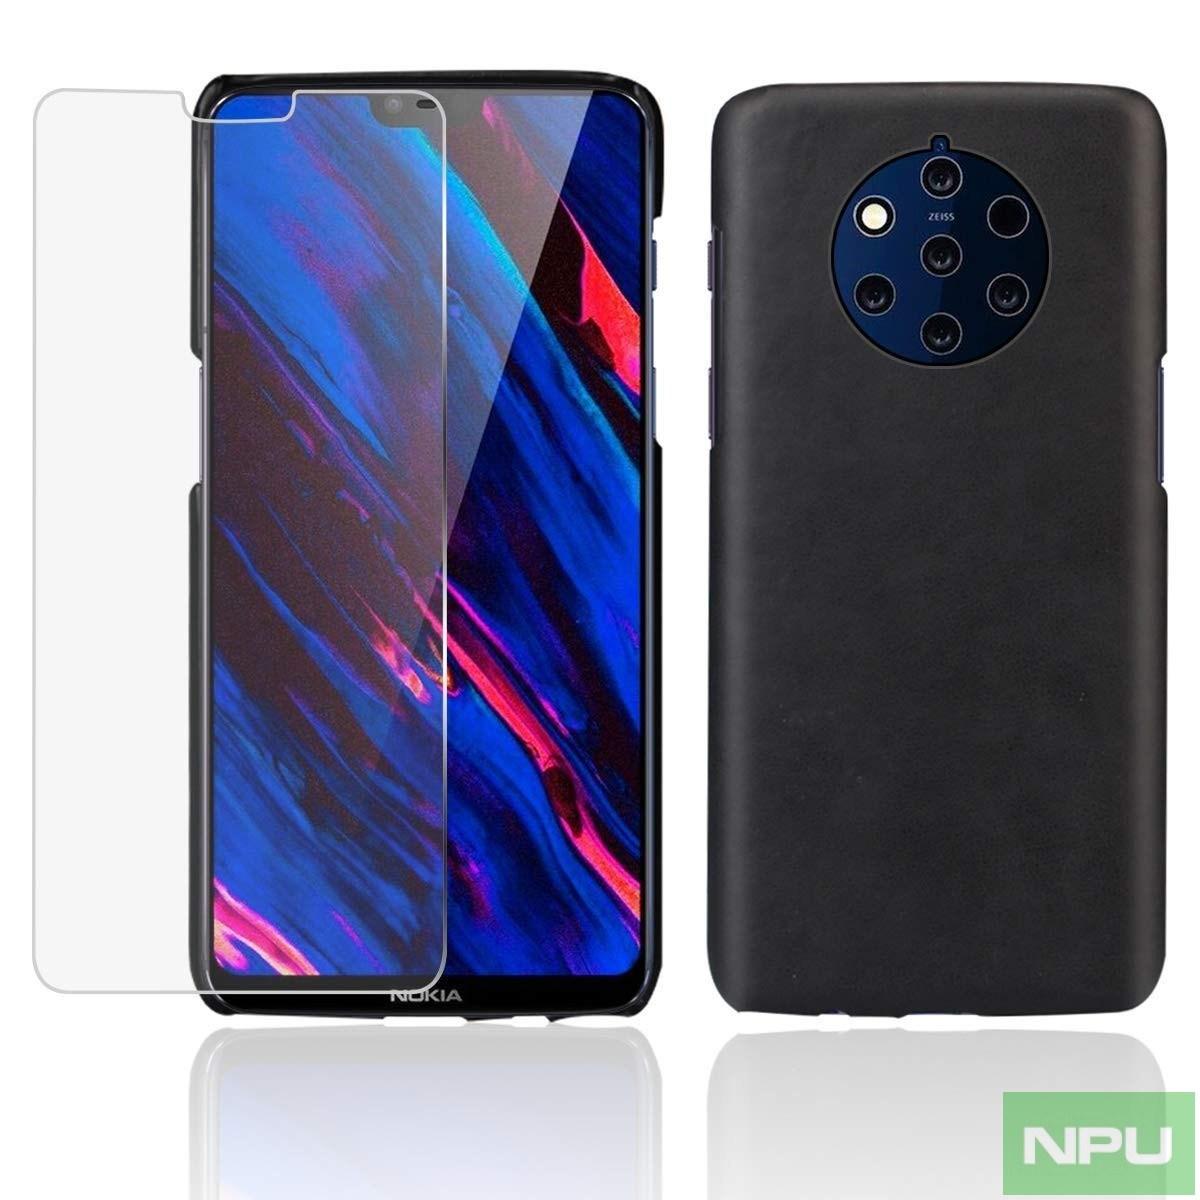 Nokia-9-PureView-design-image-w.jpg